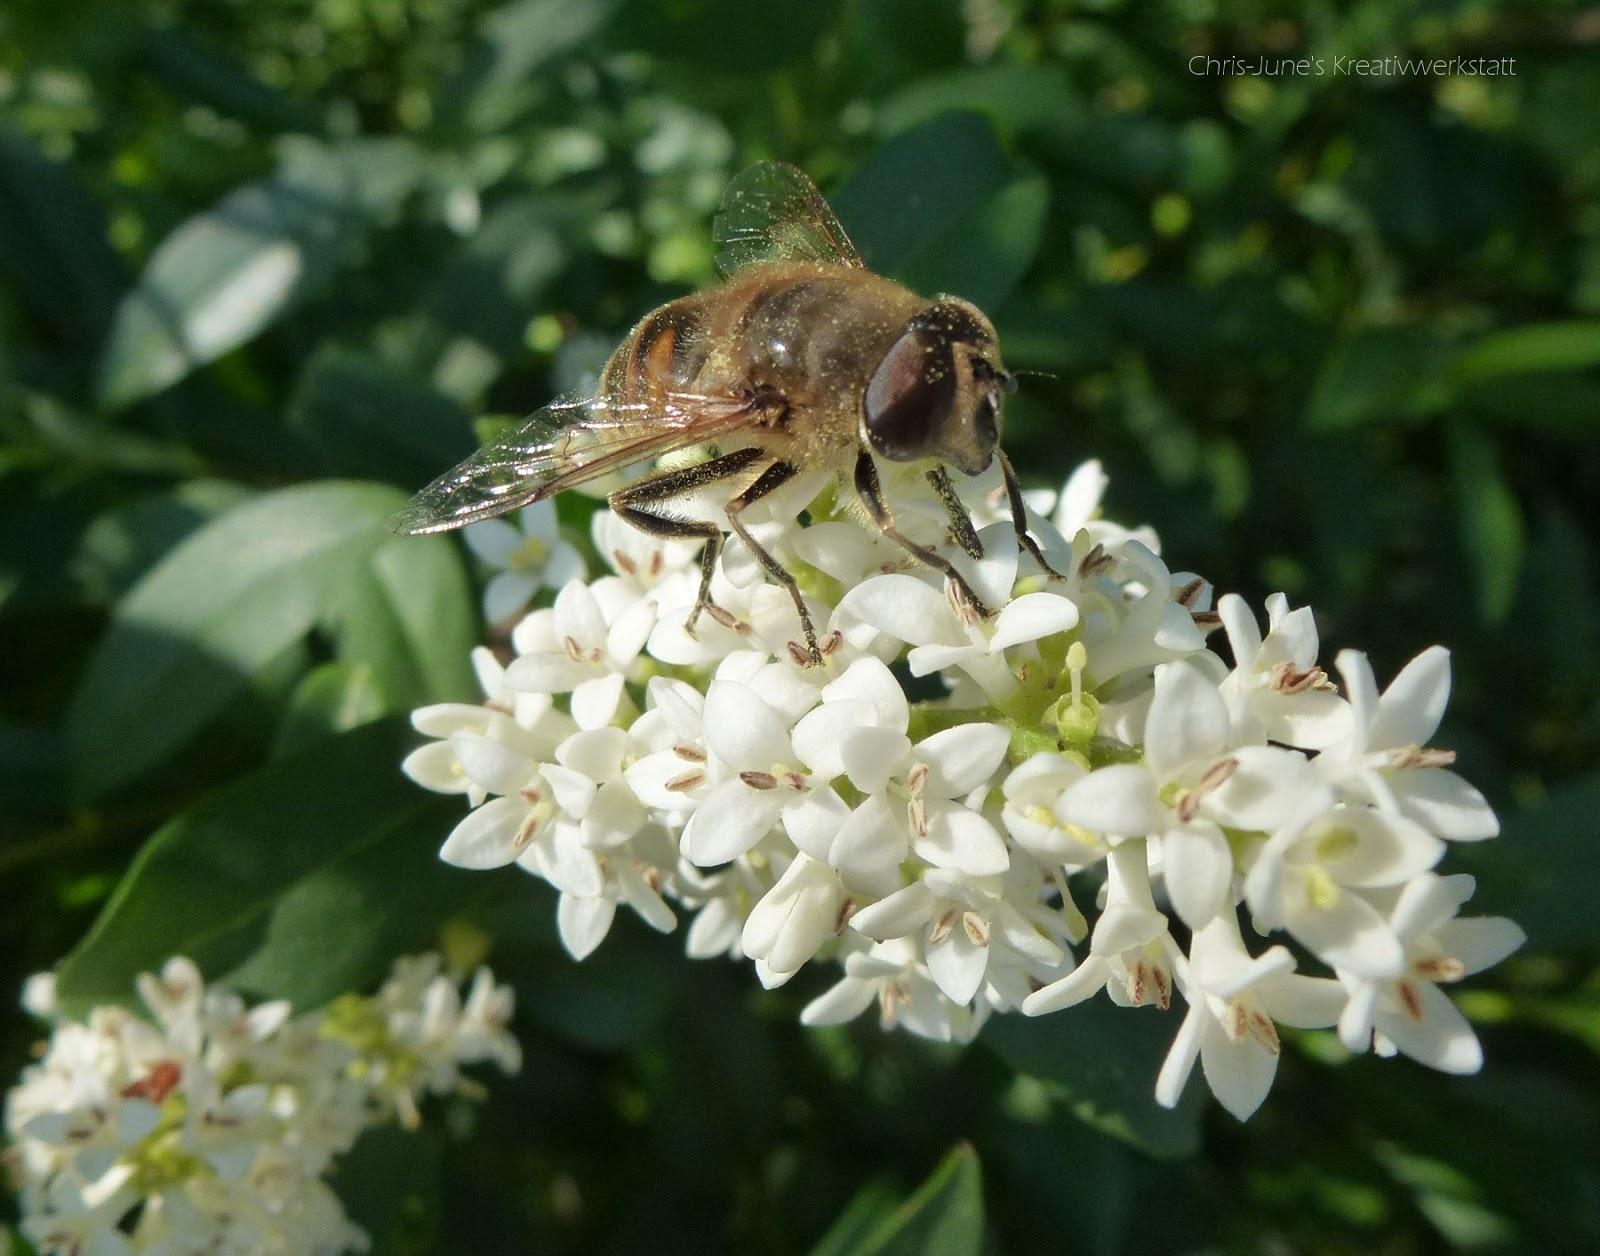 Ligusterblüten mit Insekt